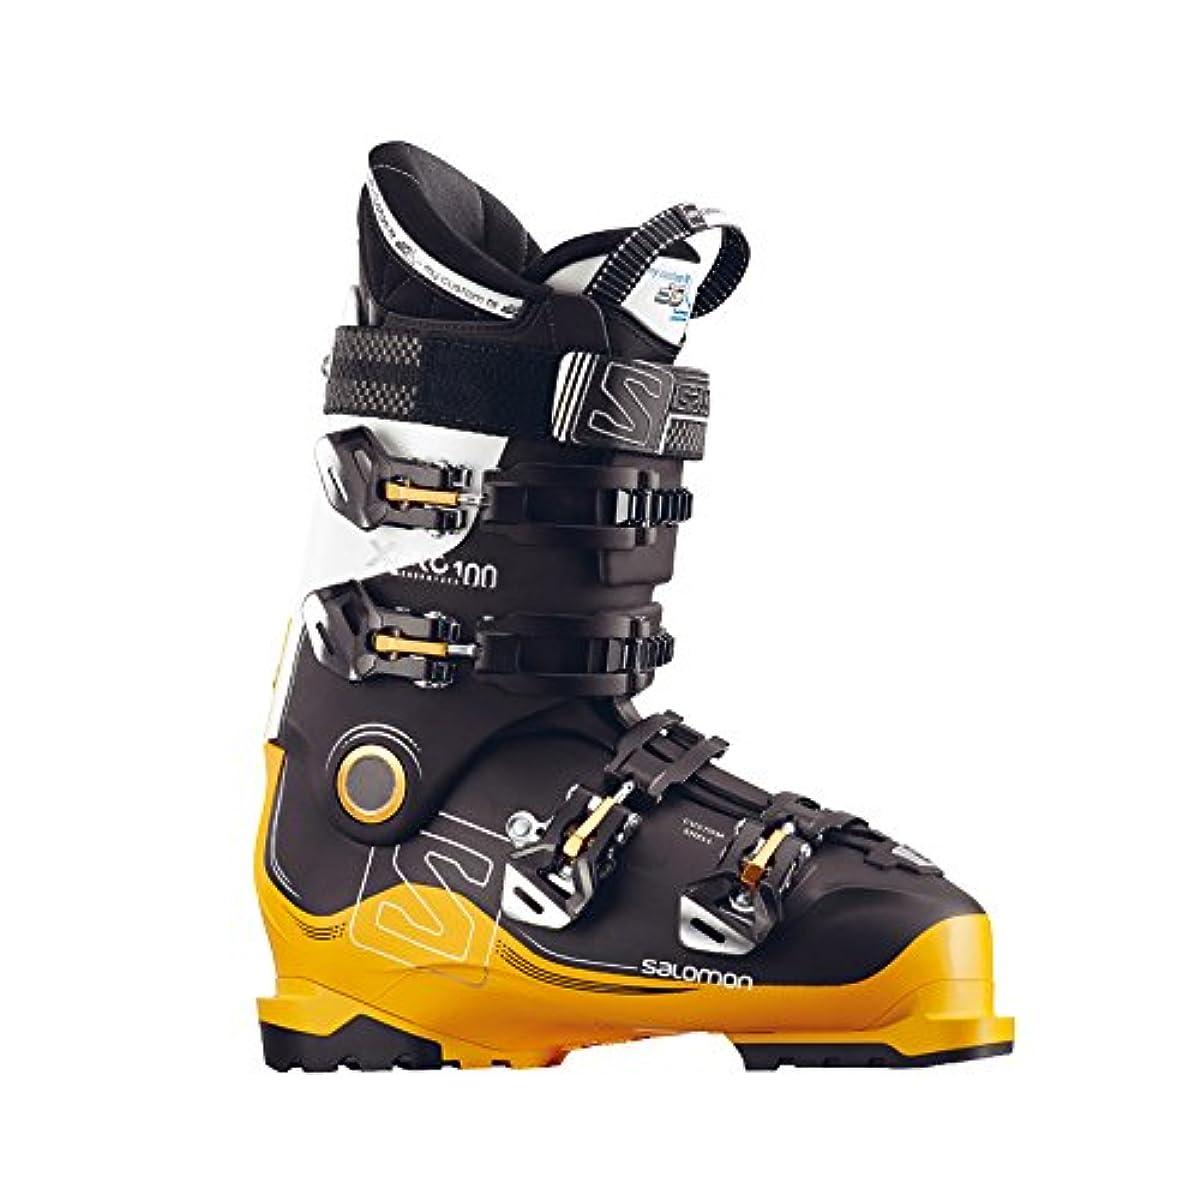 [해외] 살로몬SALOMON 스키화 X PRO 100 X 프로 100 2017-18 모델